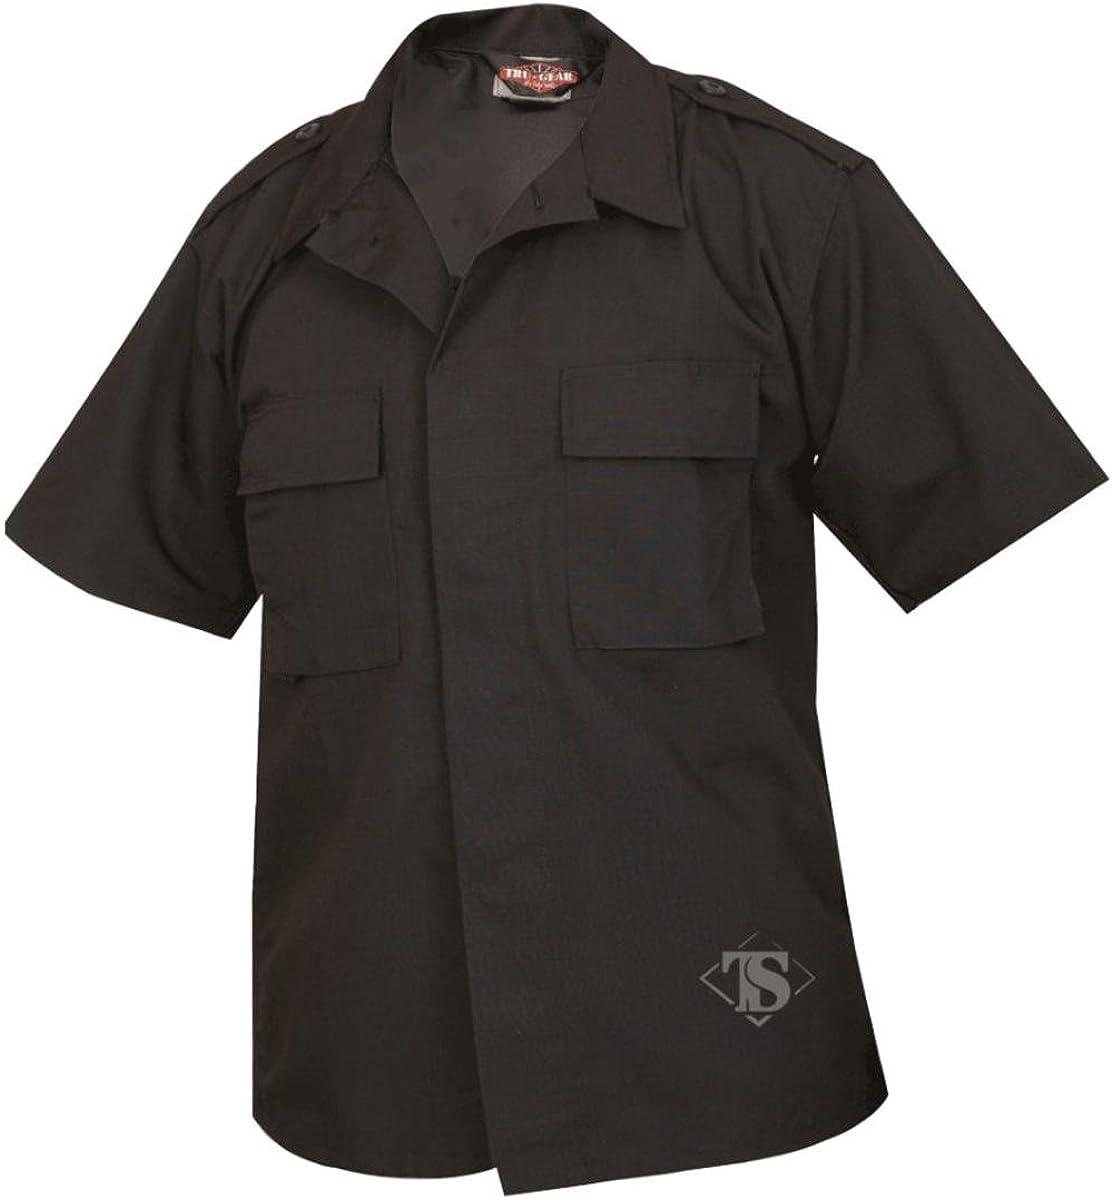 Tru-Spec 1000 Mens Short Sleeve Tactical Shirt, Rip-Stop, Black